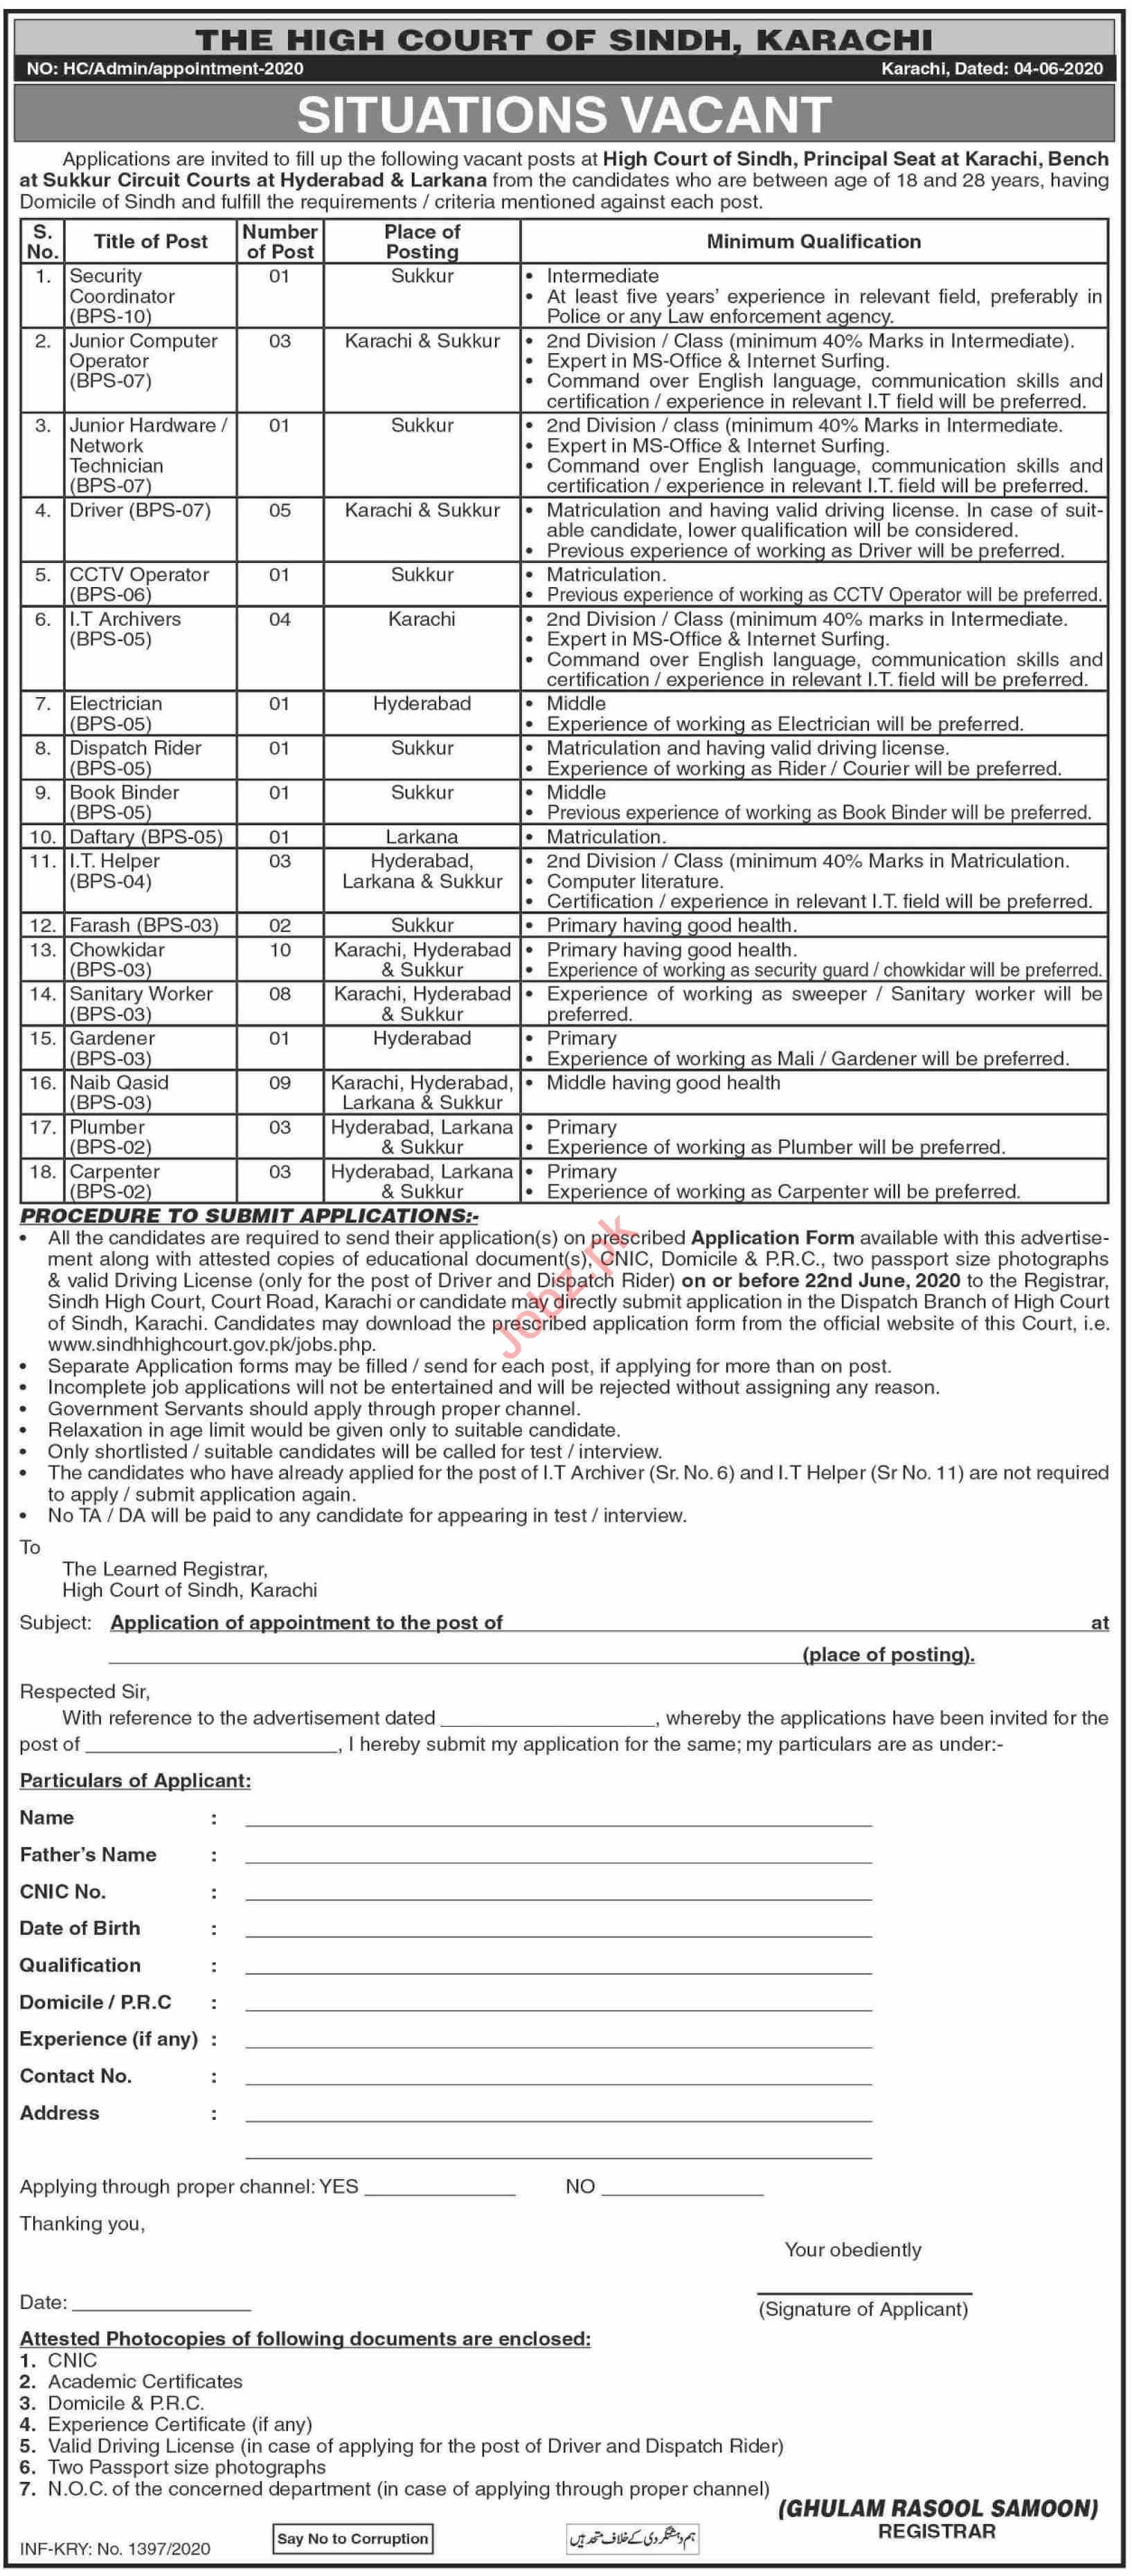 The High Court of Sindh Karachi Jobs for Driver & Naib Qasid